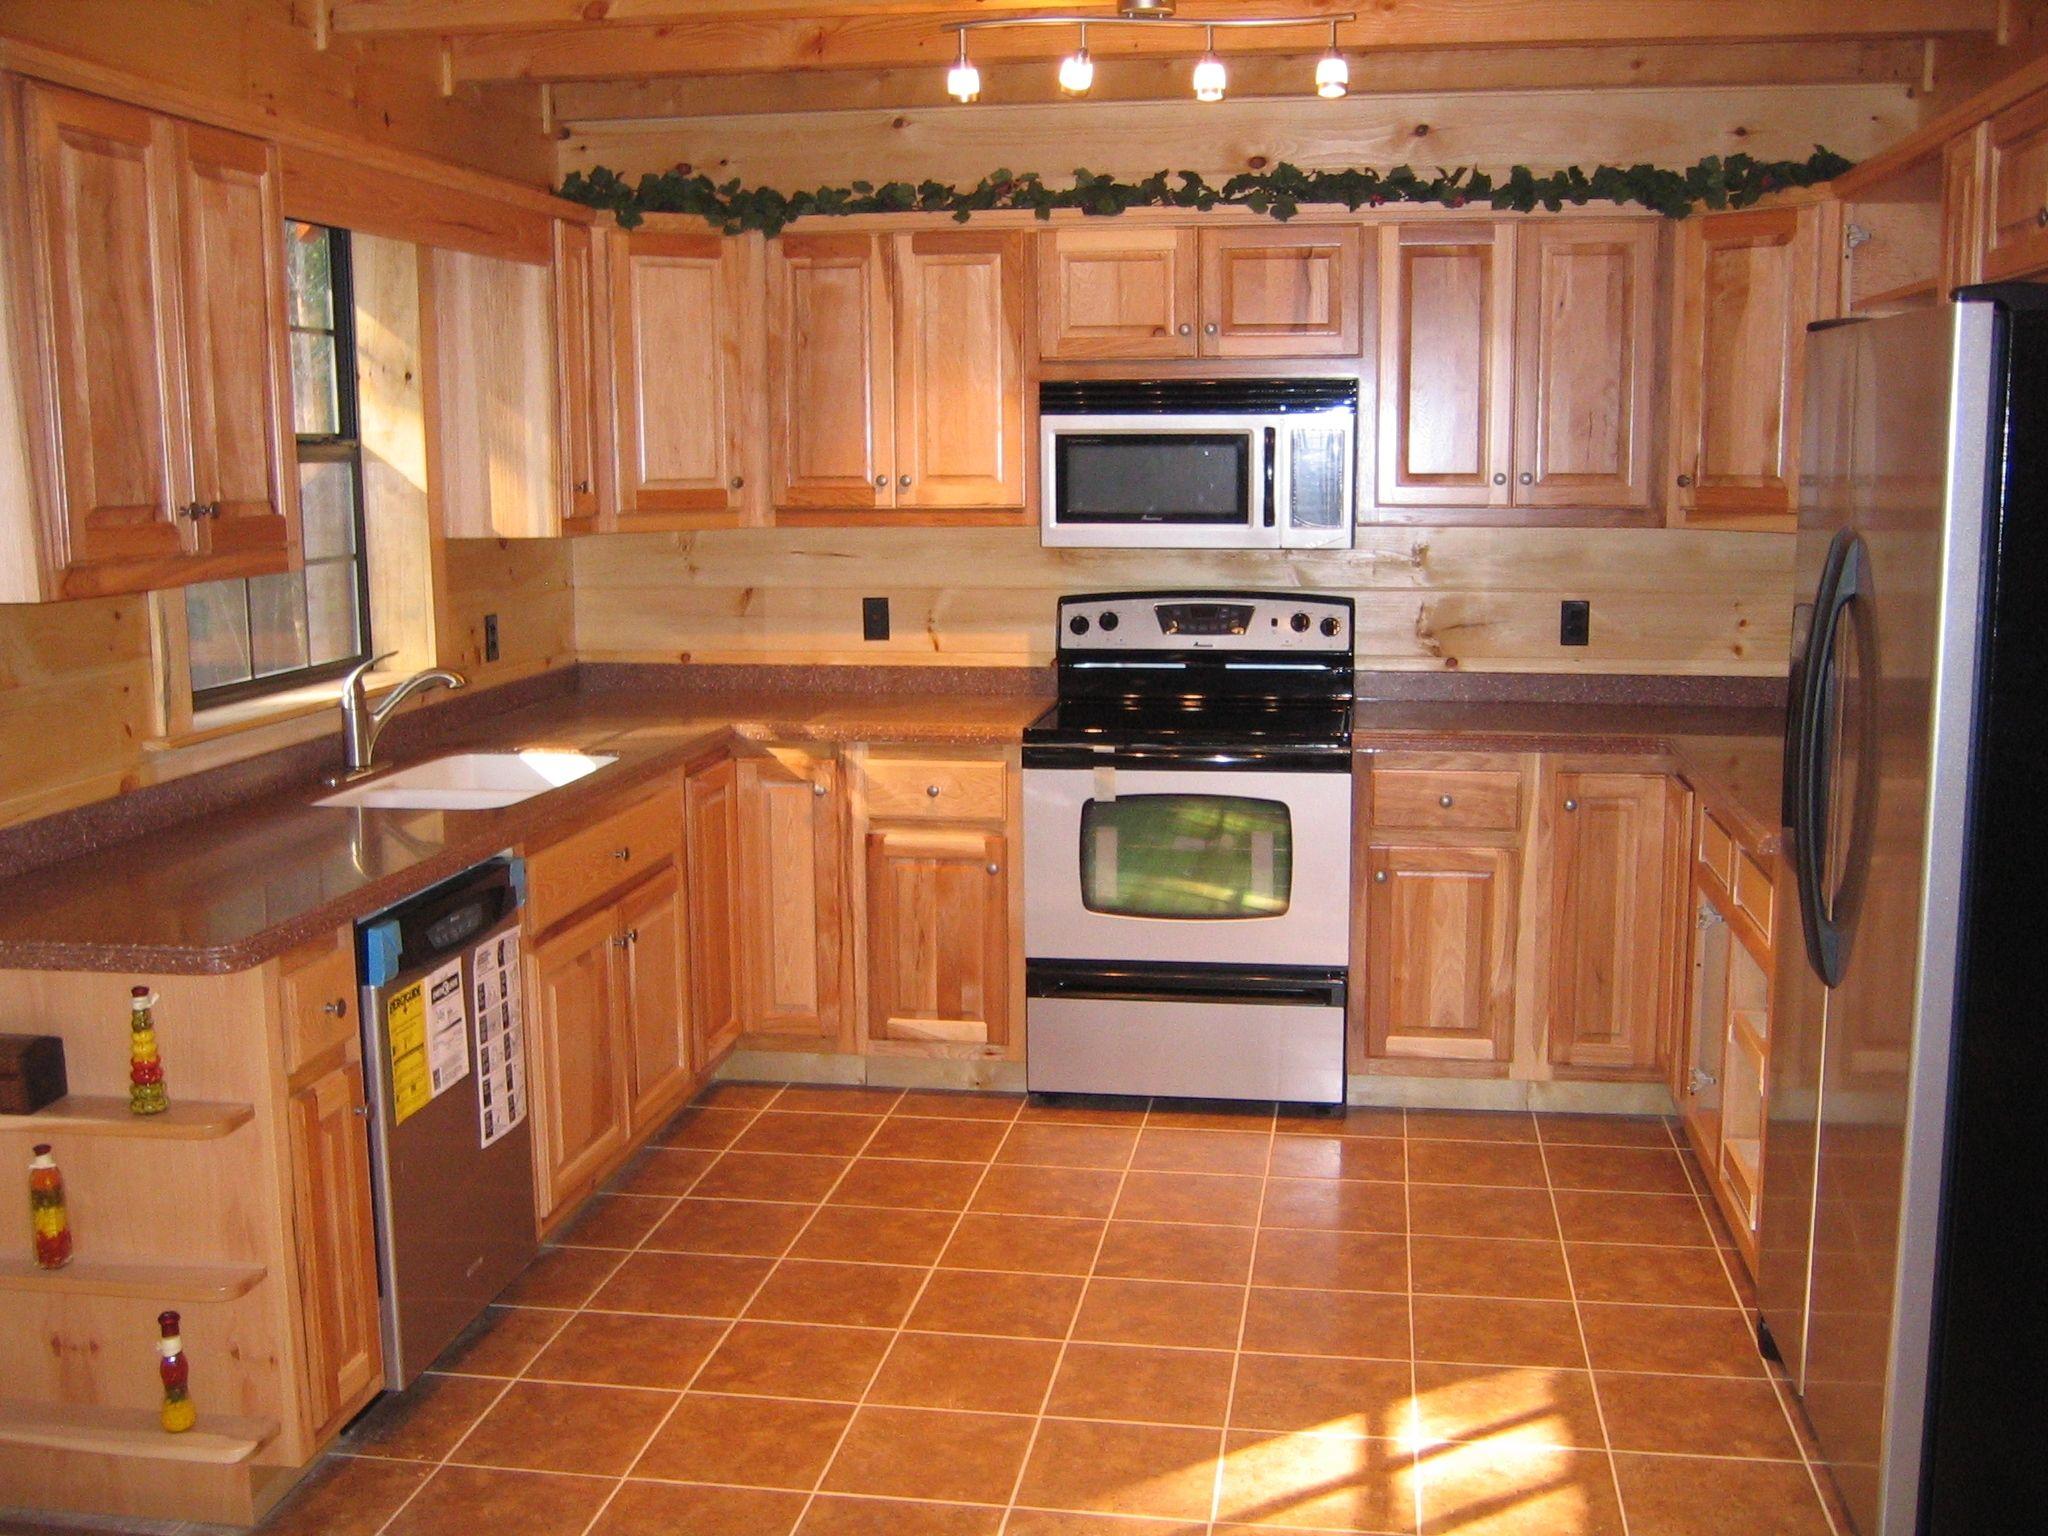 Cedar Wood Kitchen Cabinets Wintergreen Condo Decor Reno